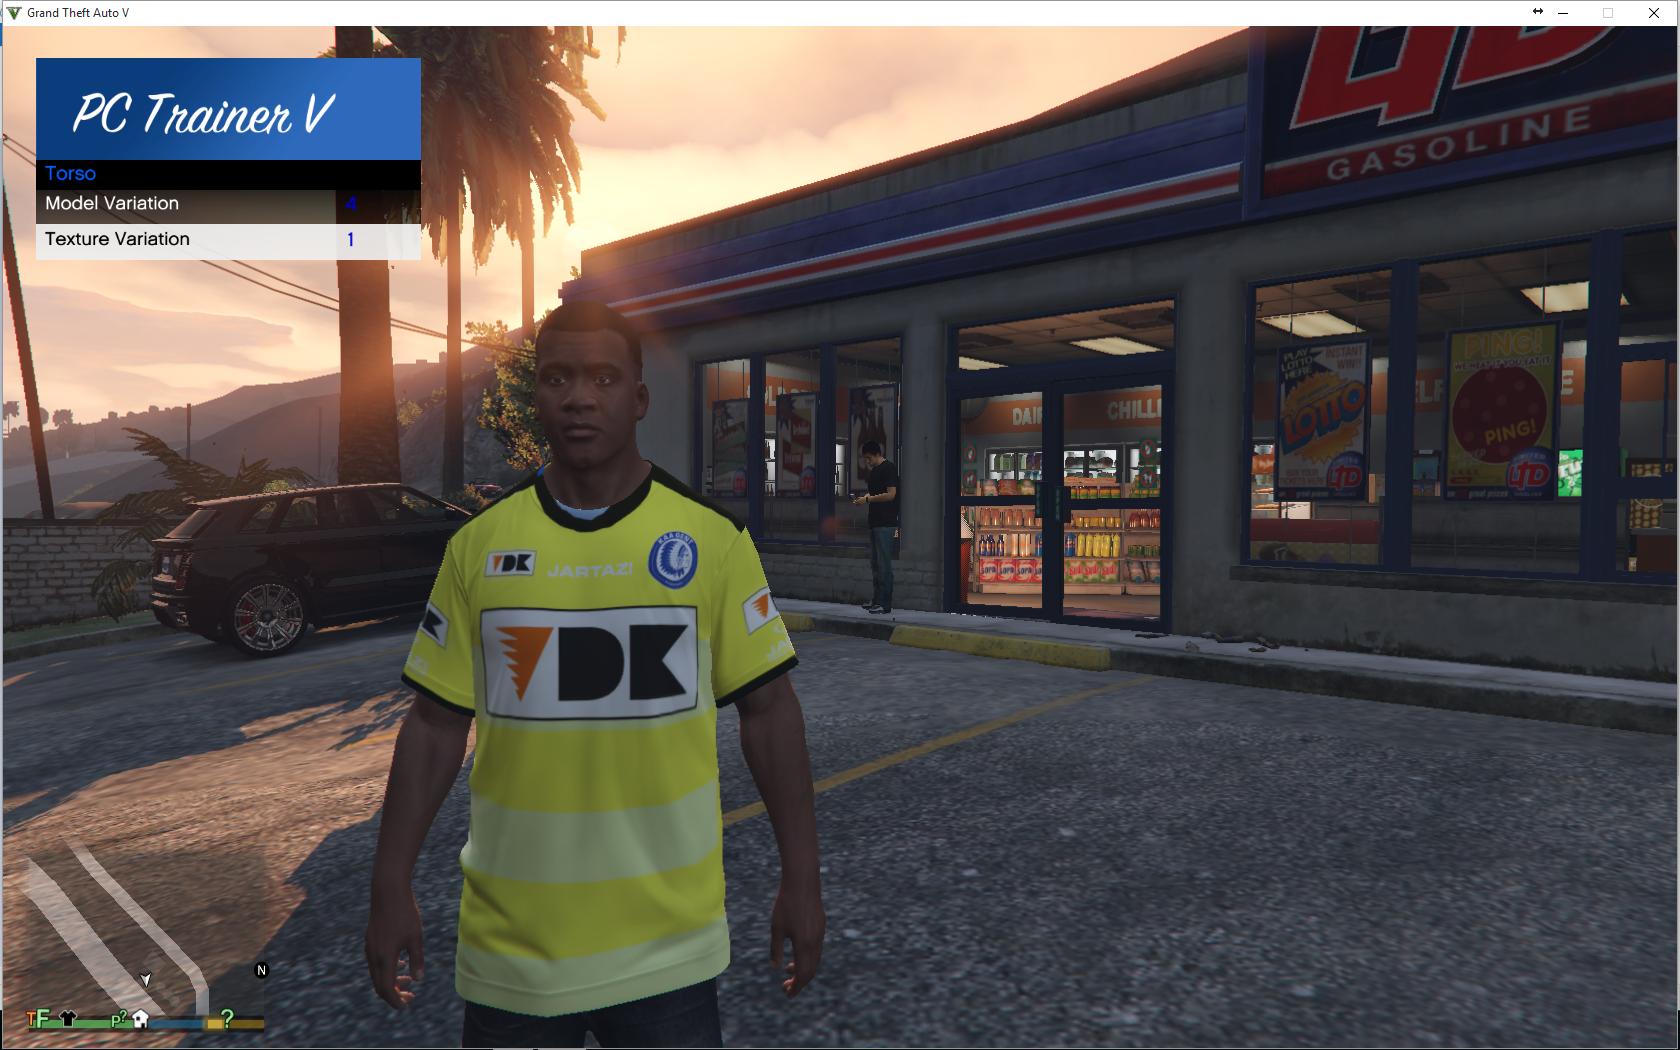 Kaa Gent Soccer Shirt Pack Gta5 Modscom